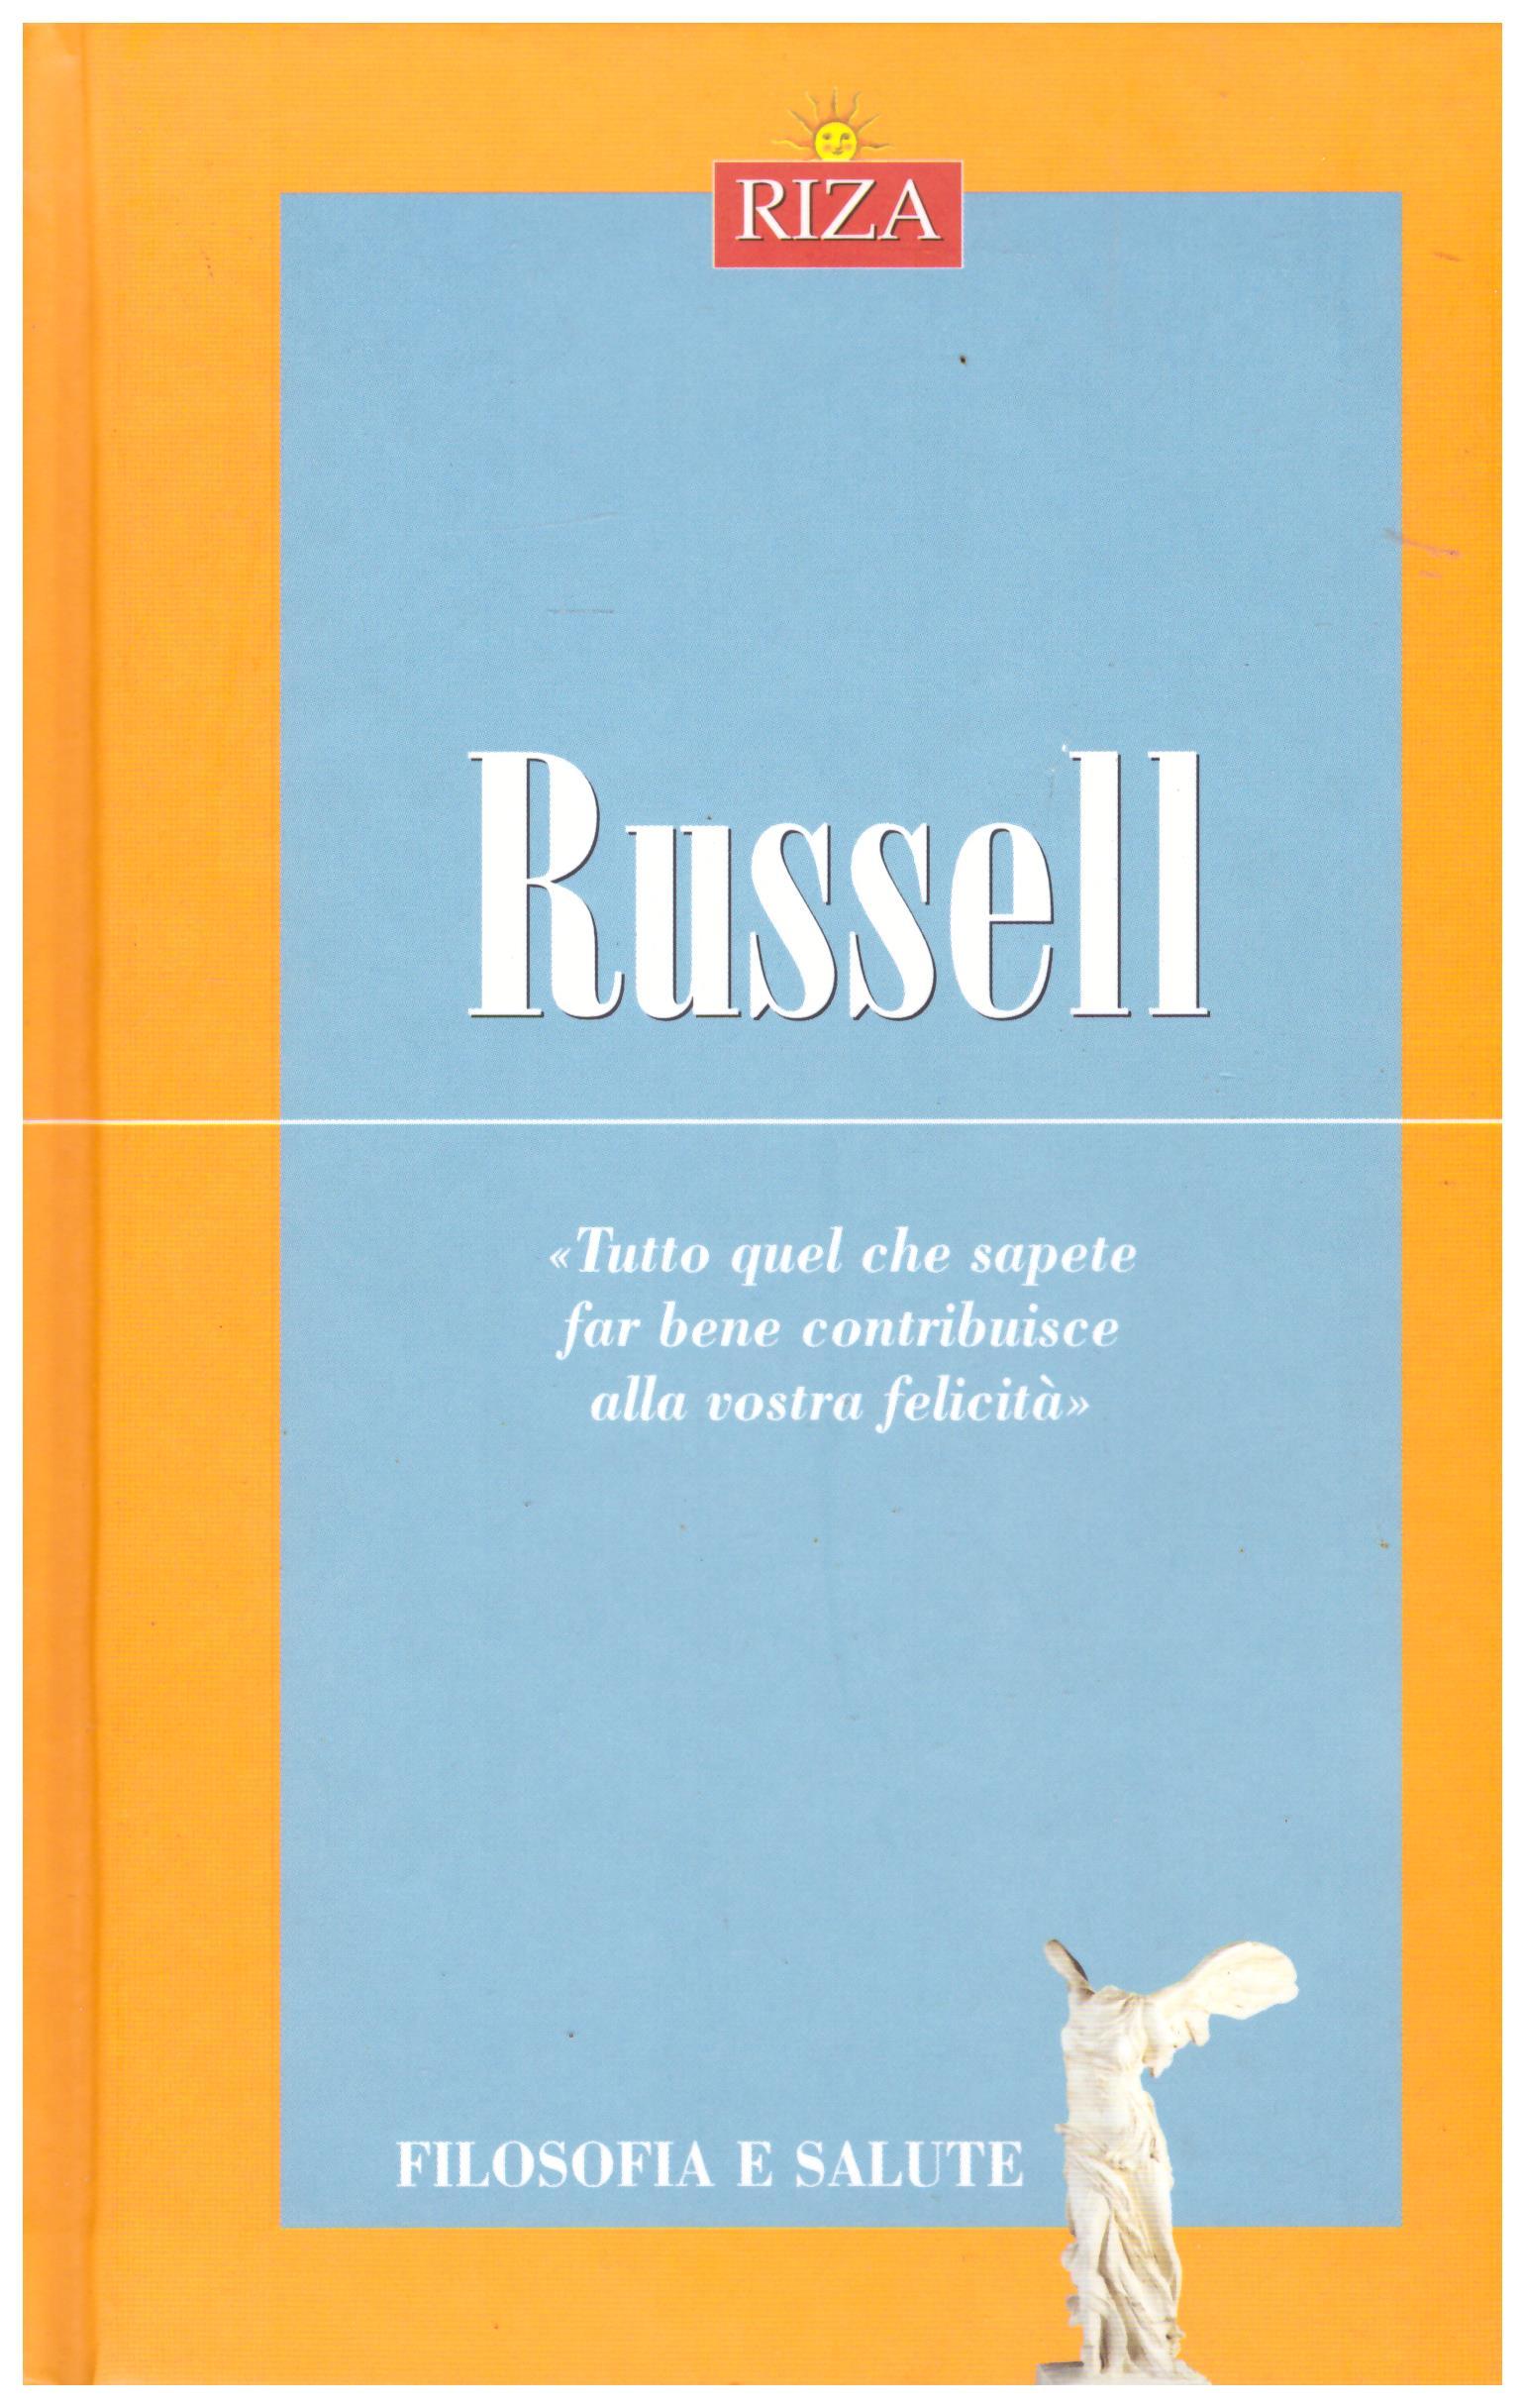 Titolo: Filosofia e salute, Russell Autore: AA.VV.  Editore: Riza, 2008